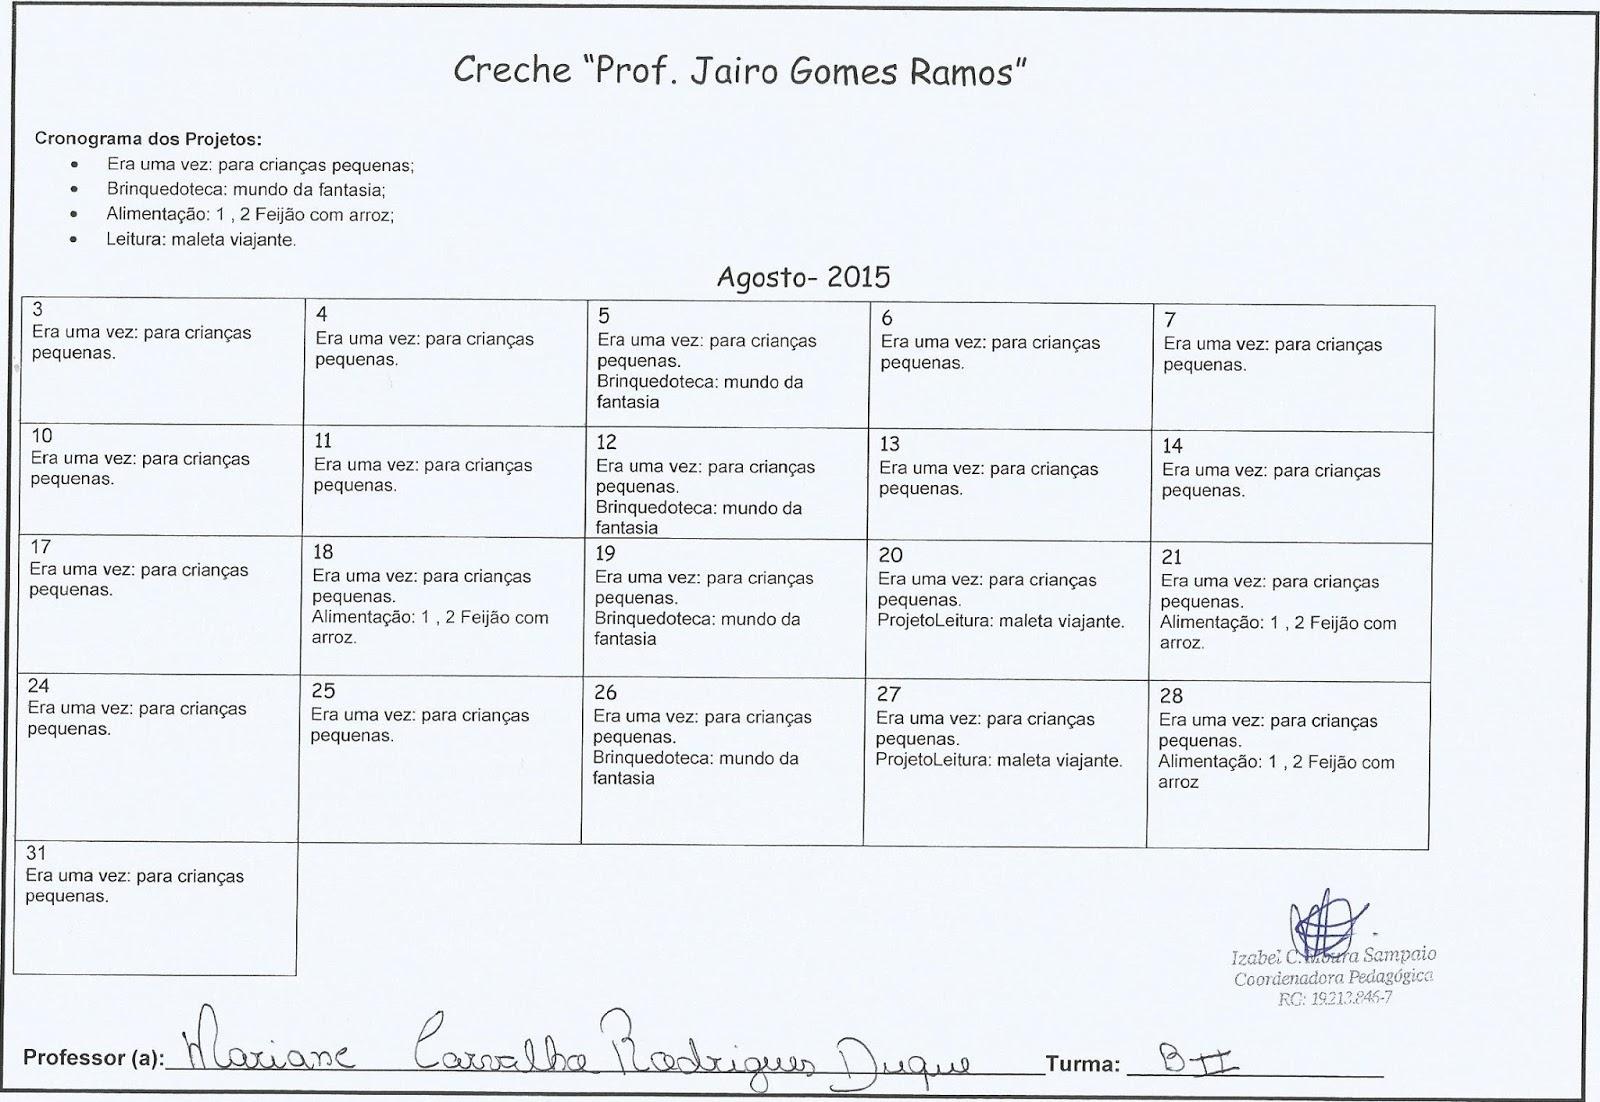 Excepcional Coordenação Pedagógica - Izabel C. M. Sampaio: CRONOGRAMA DOS  PI67